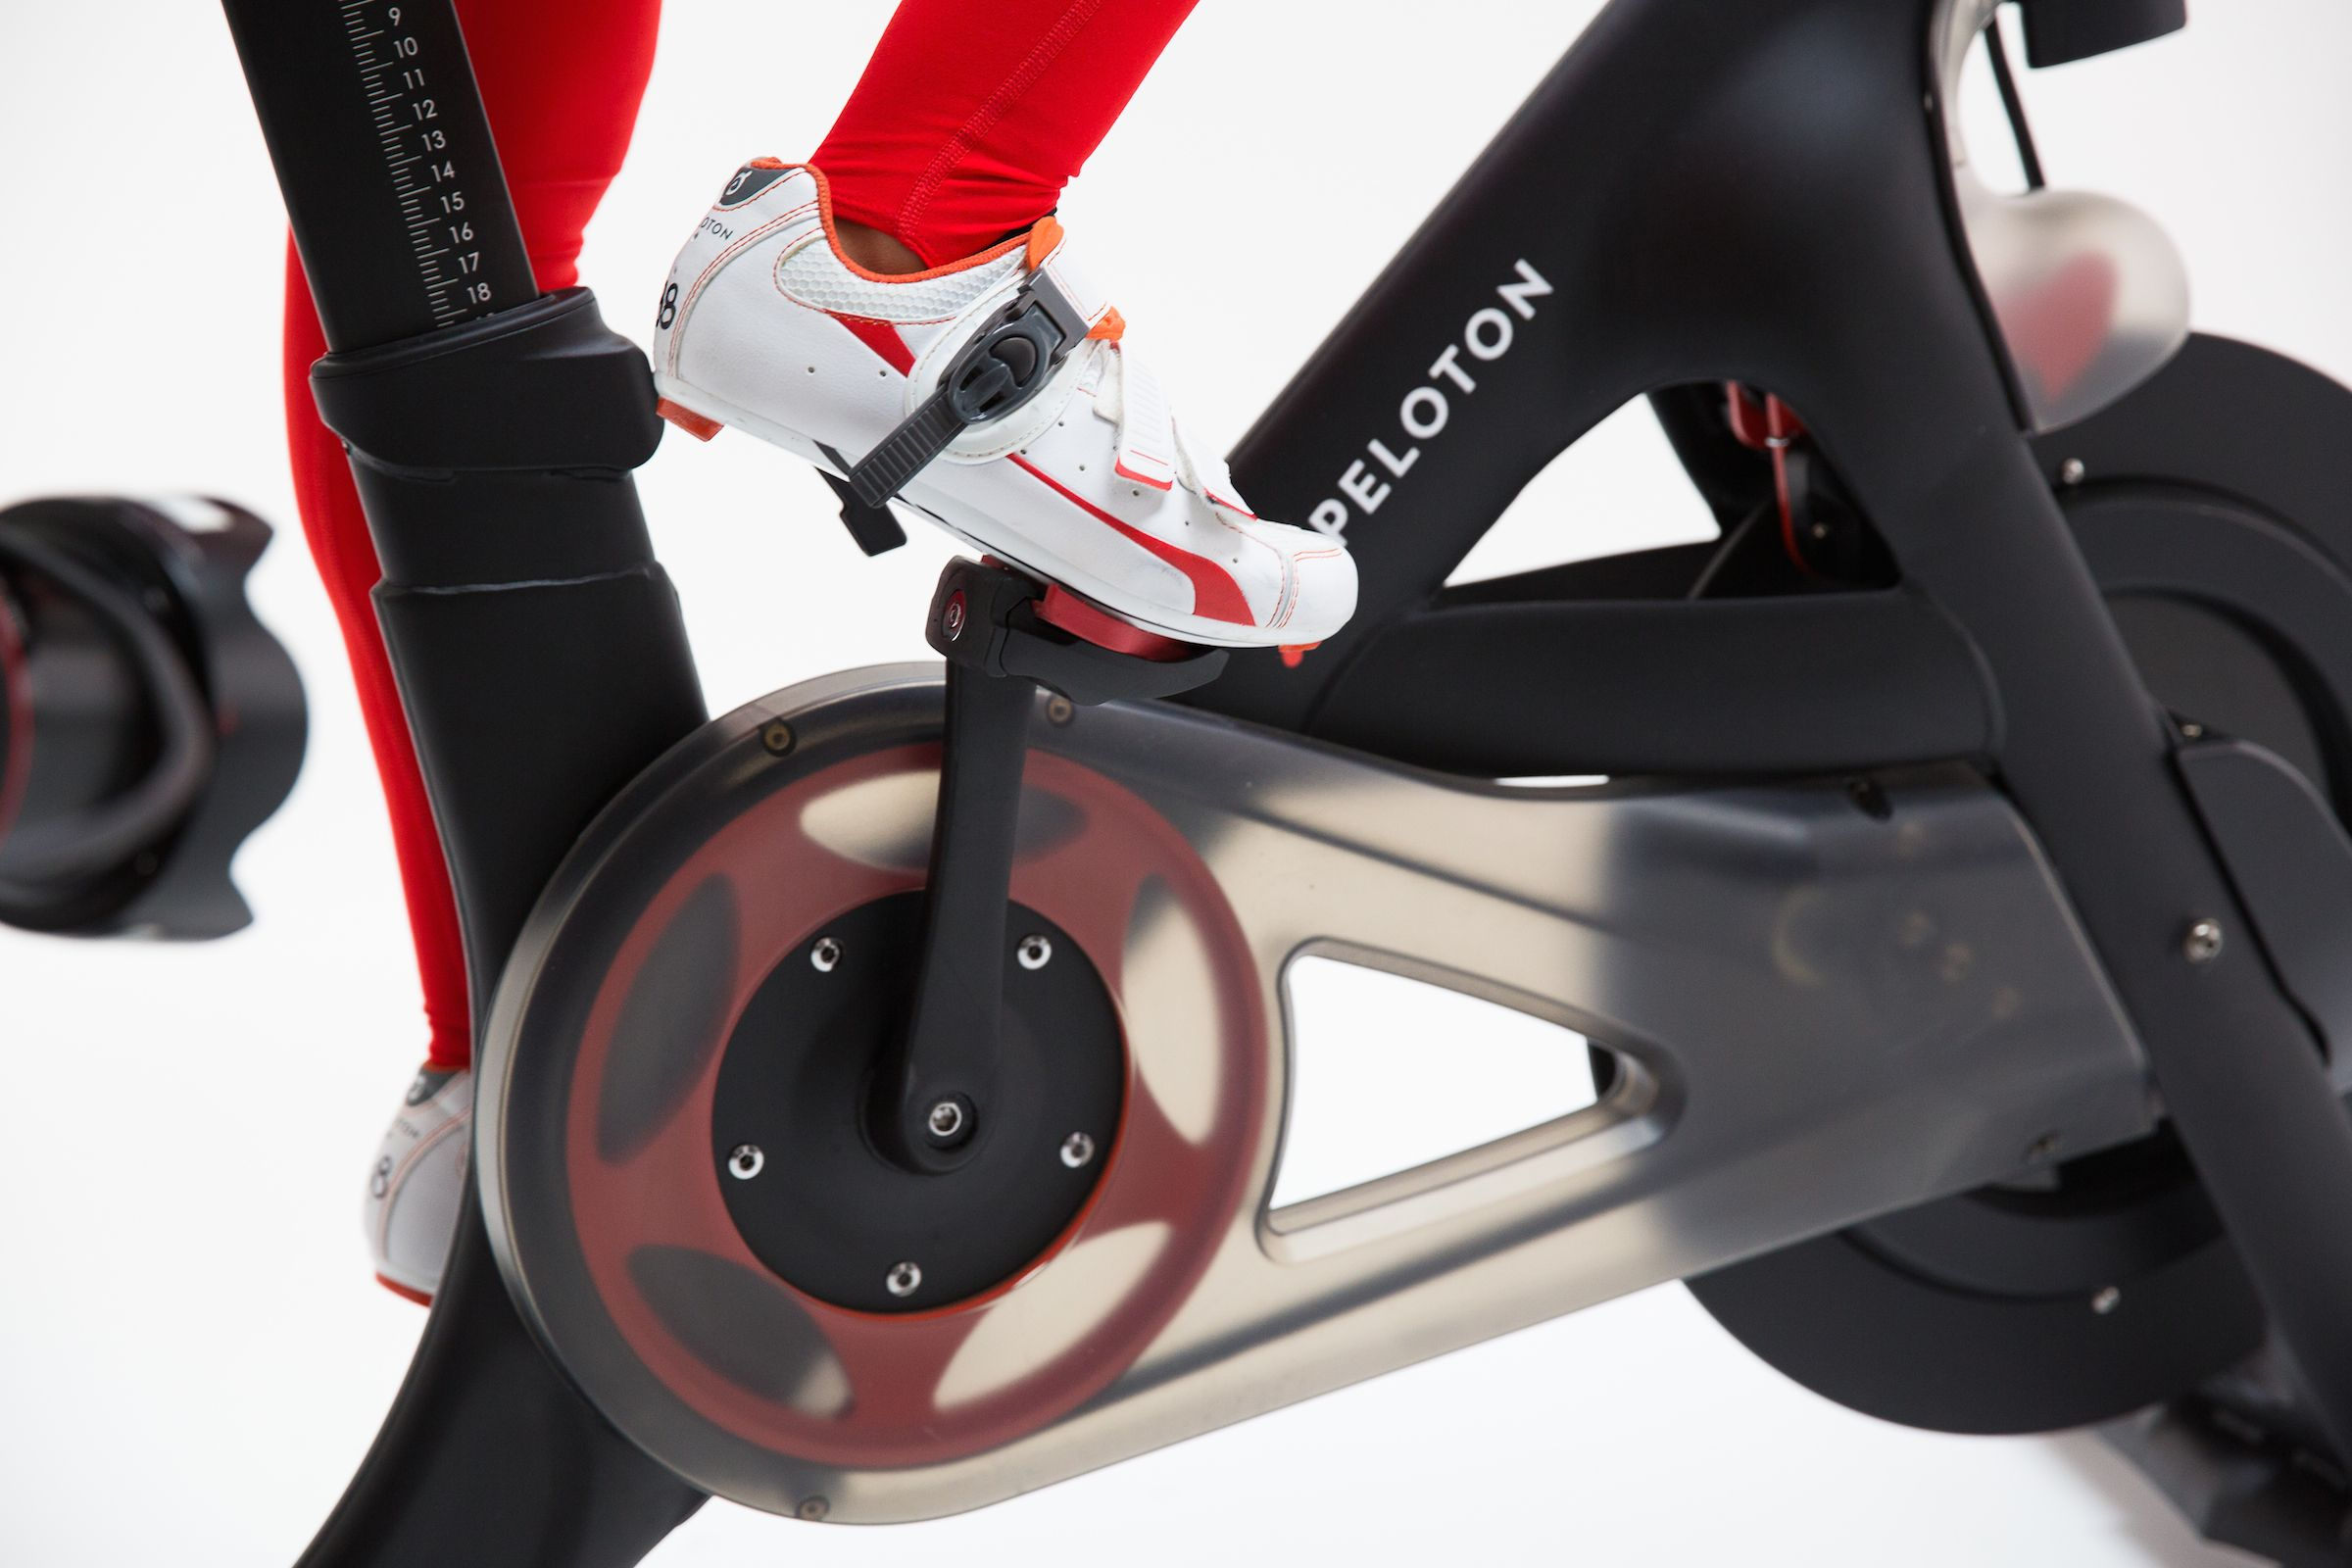 Peloton bike httpbitly1le5p9r peloton bike peloton